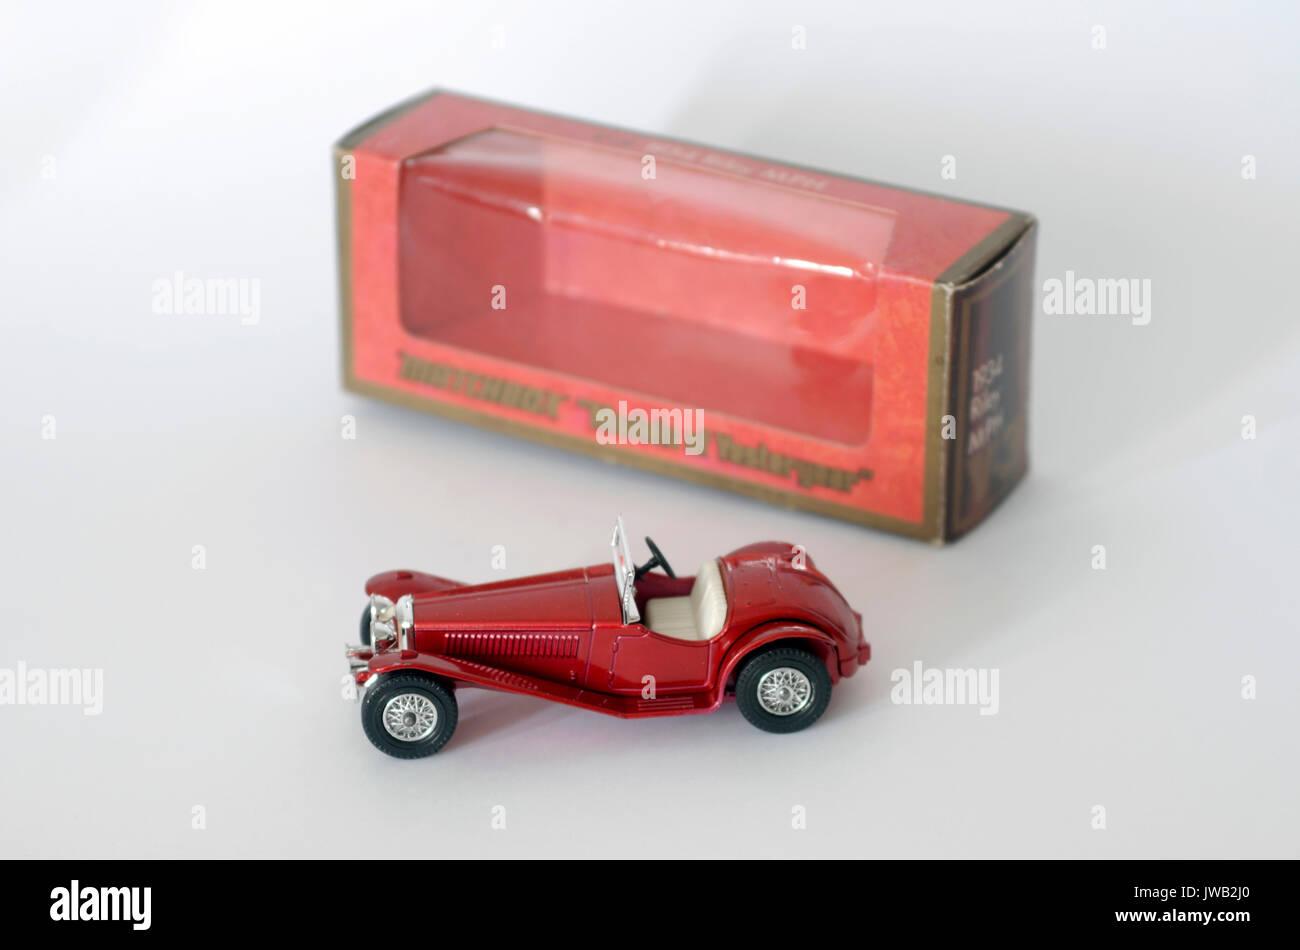 Toy Matchbox Stockfotos und bilder Kaufen Alamy